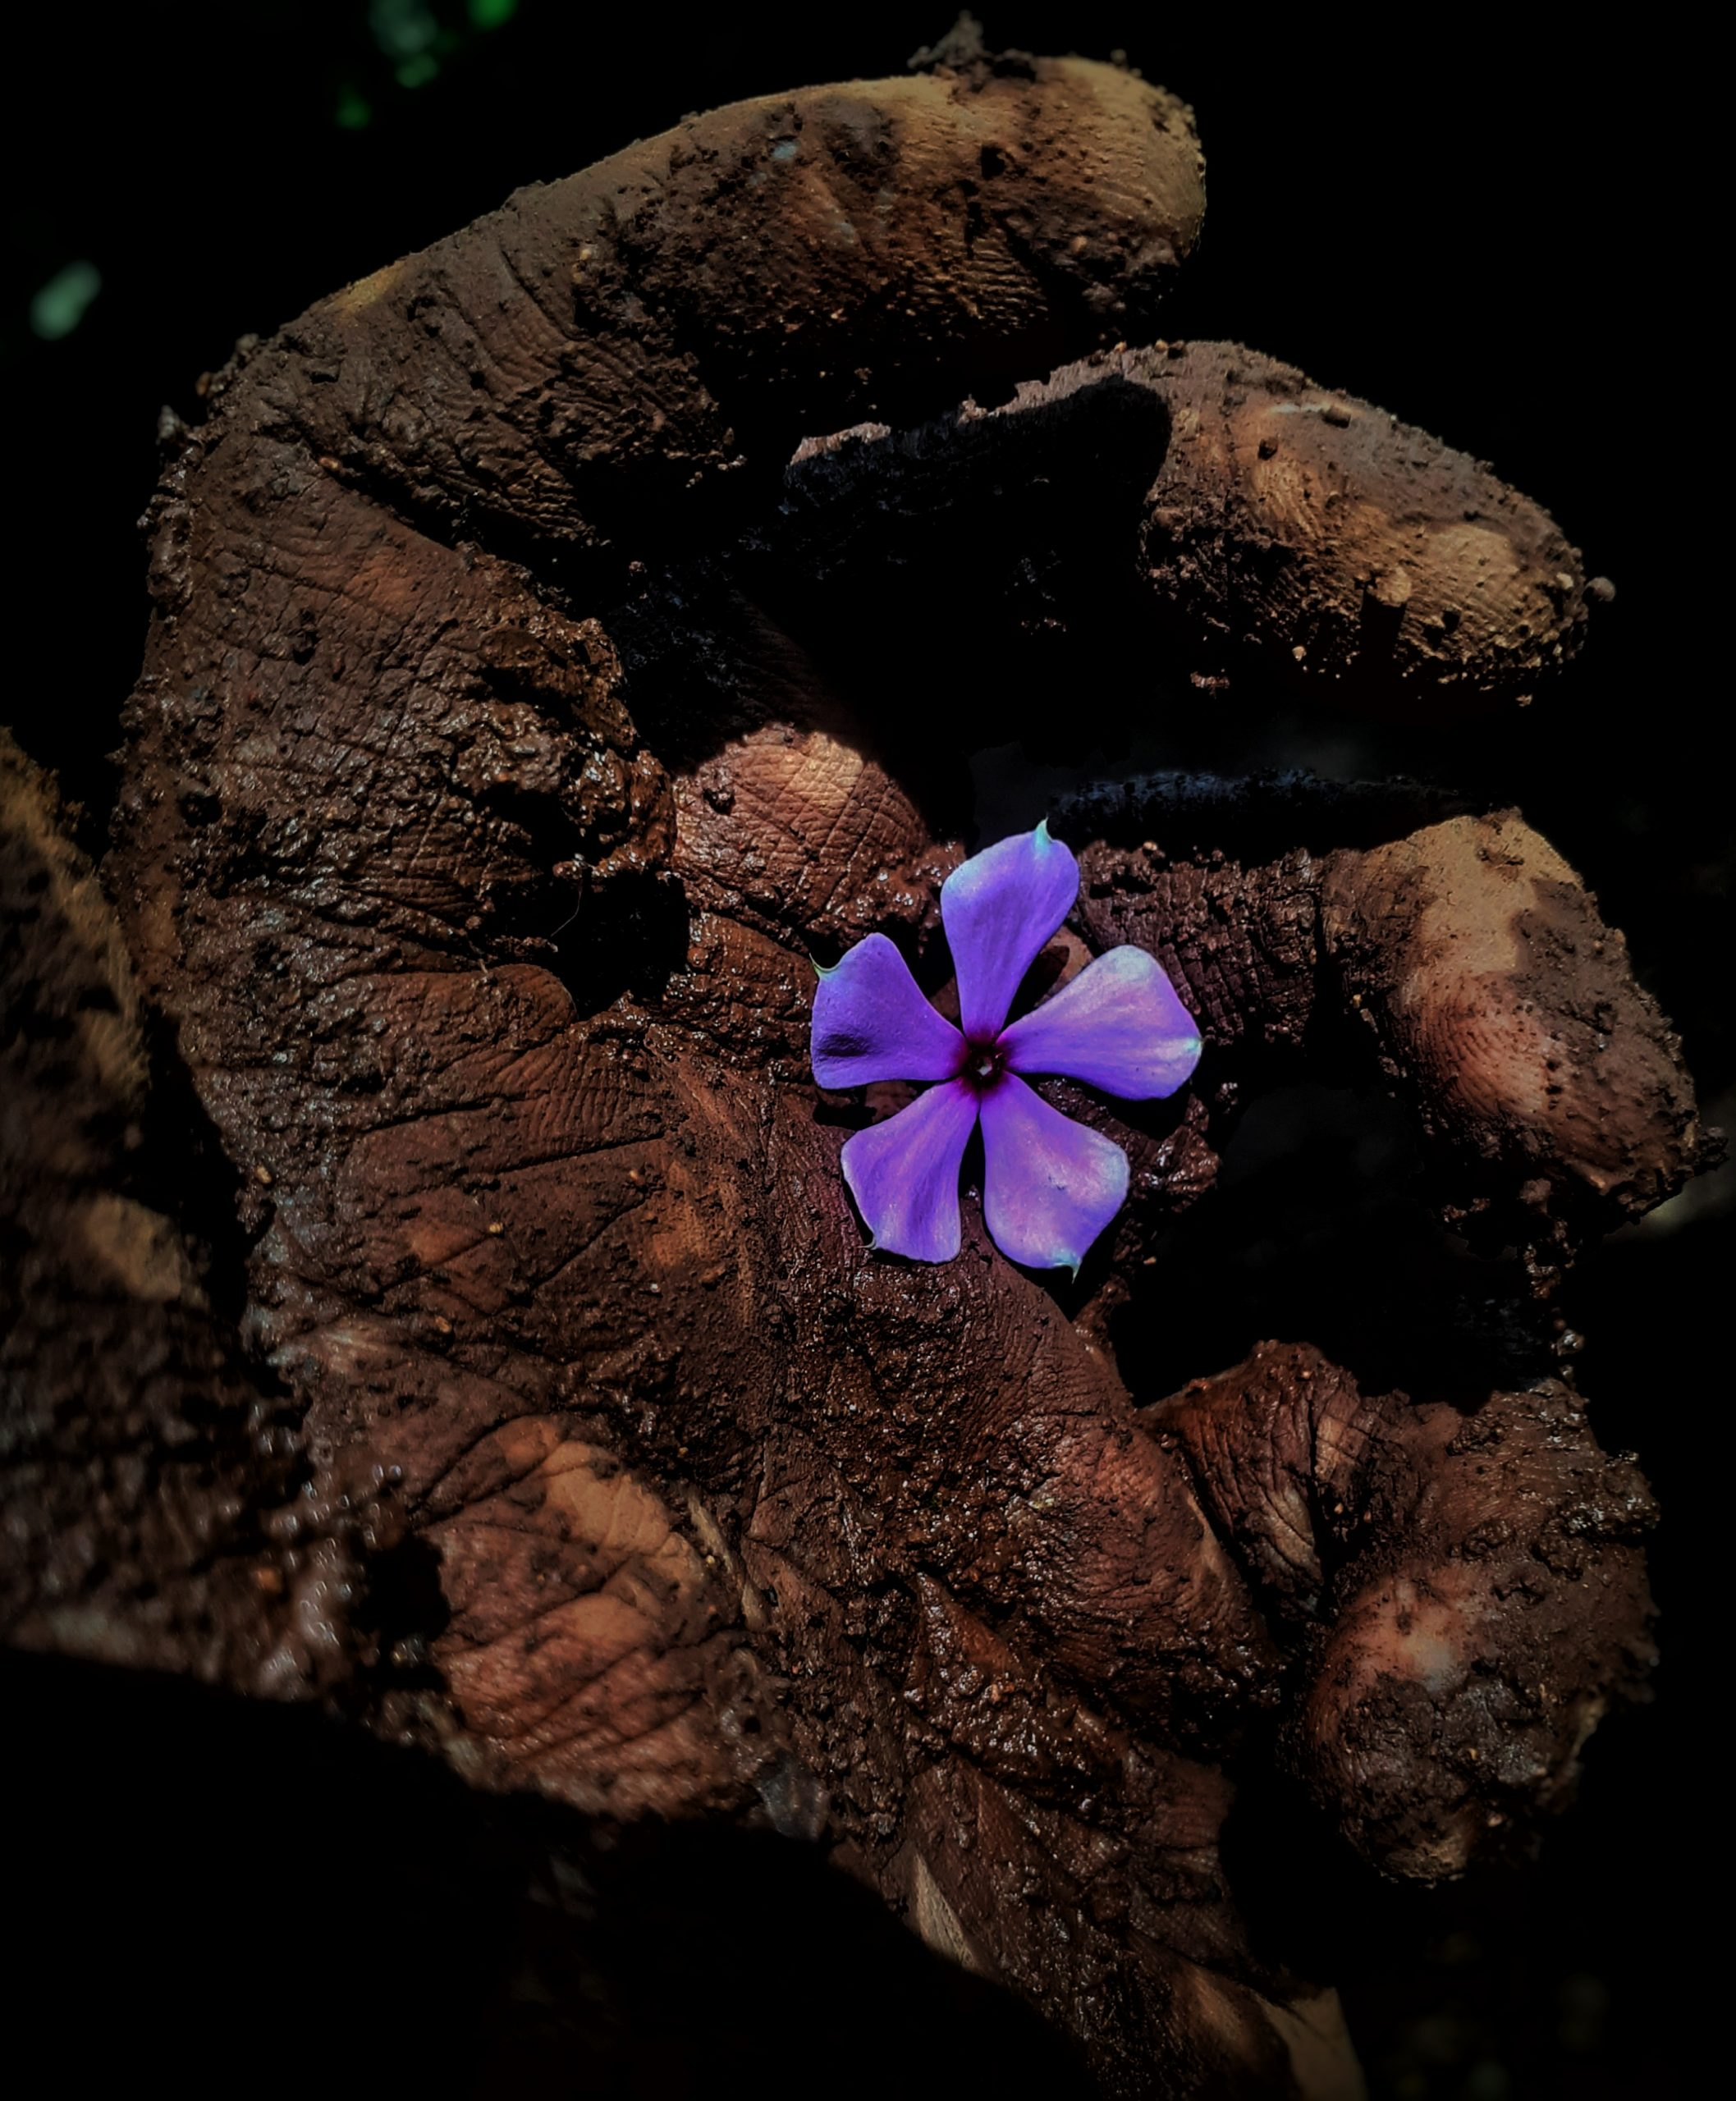 flower in muddy hand